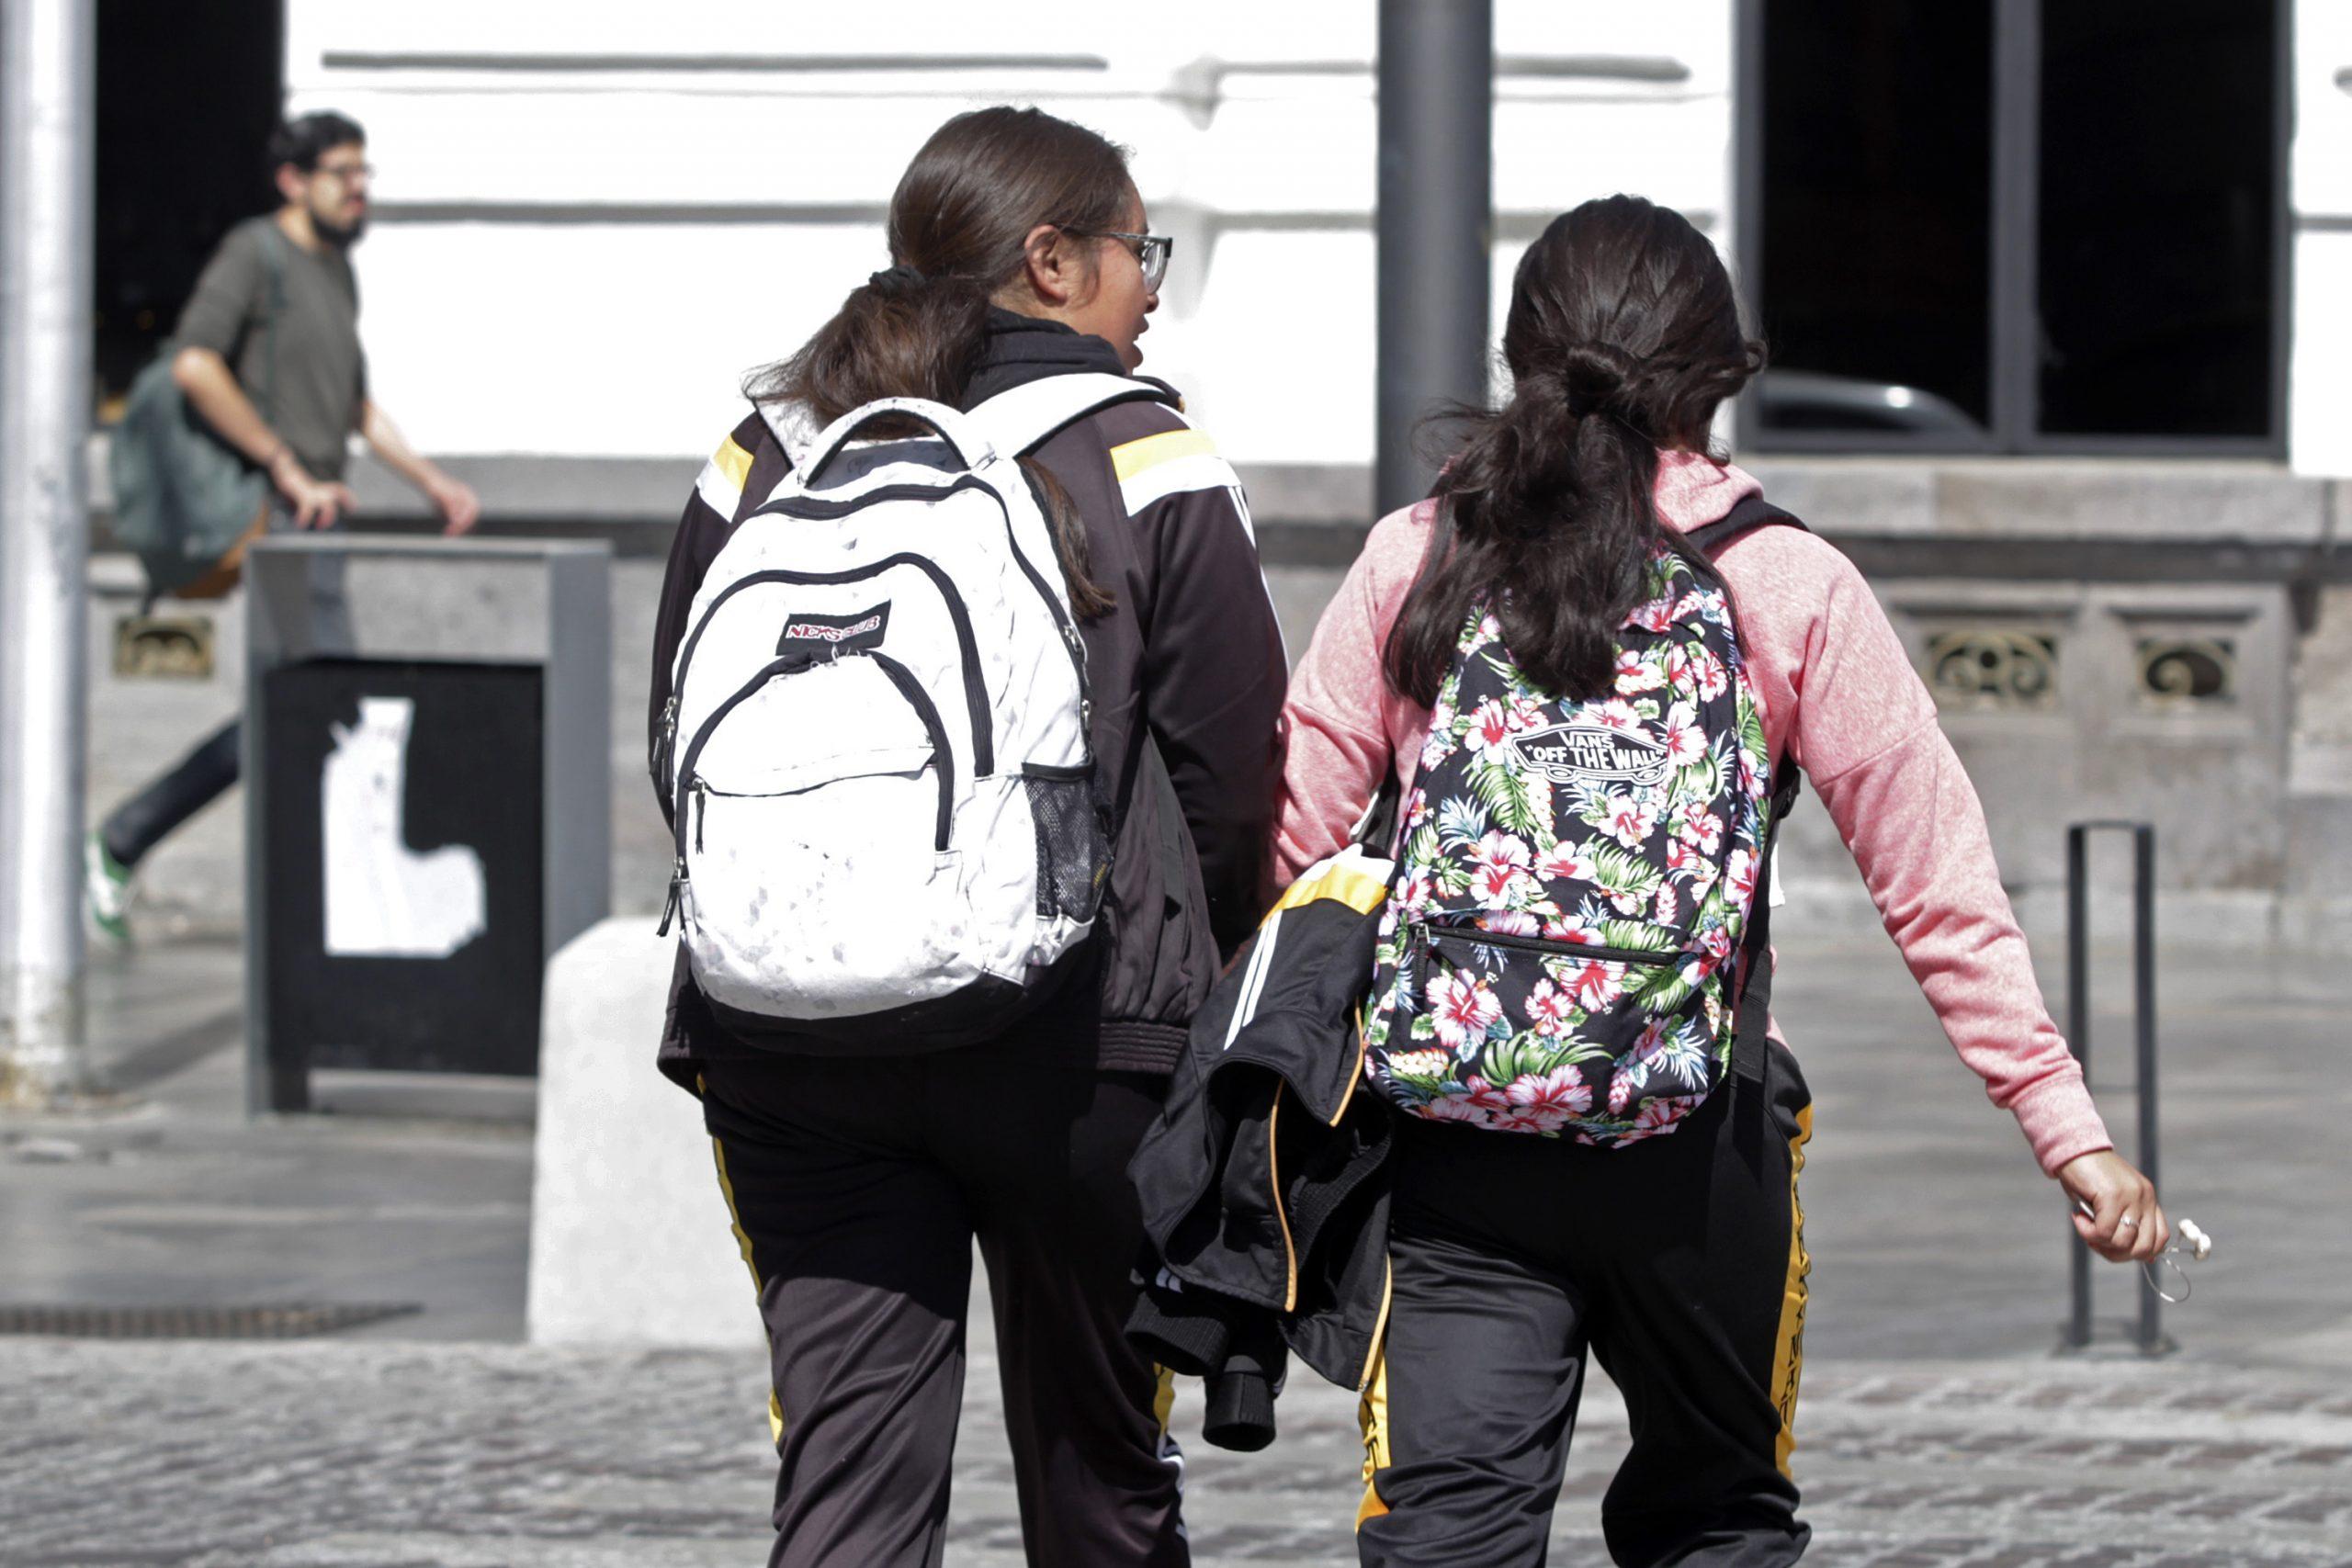 Mayores de 12 años podrán elegir su identidad de género en Oaxaca